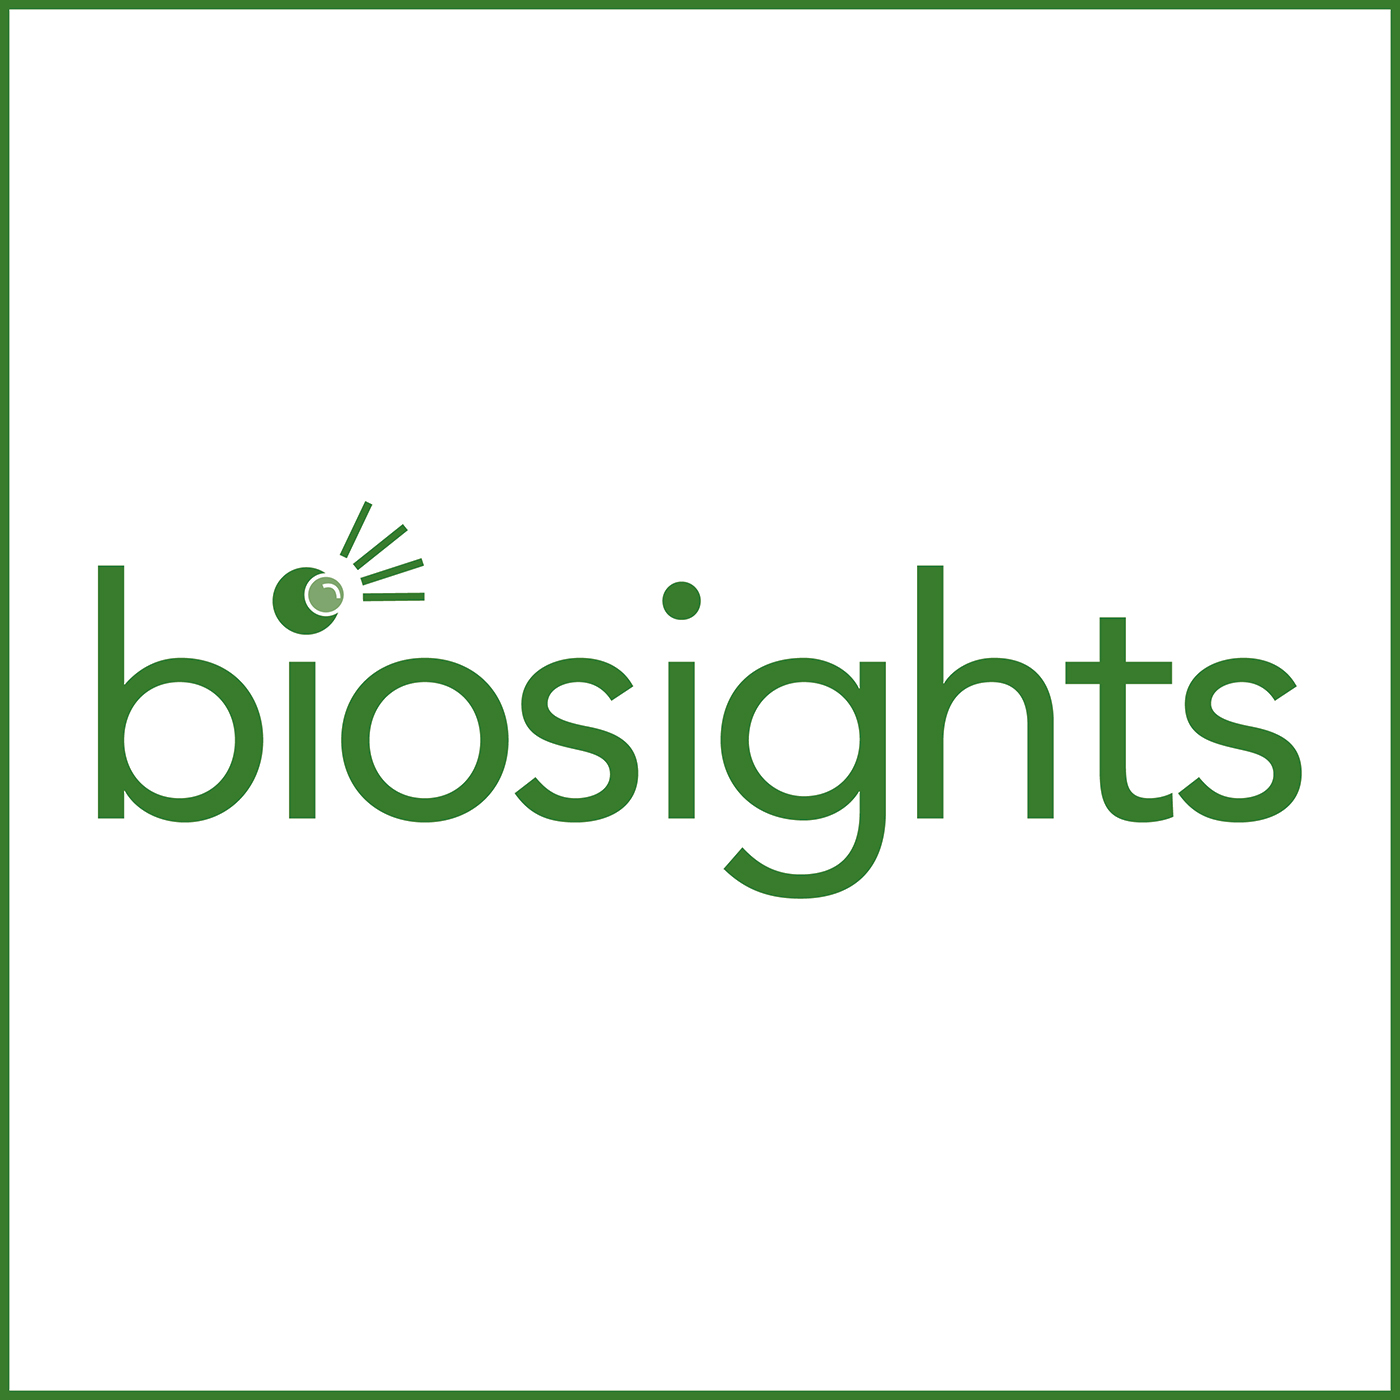 biosights show art